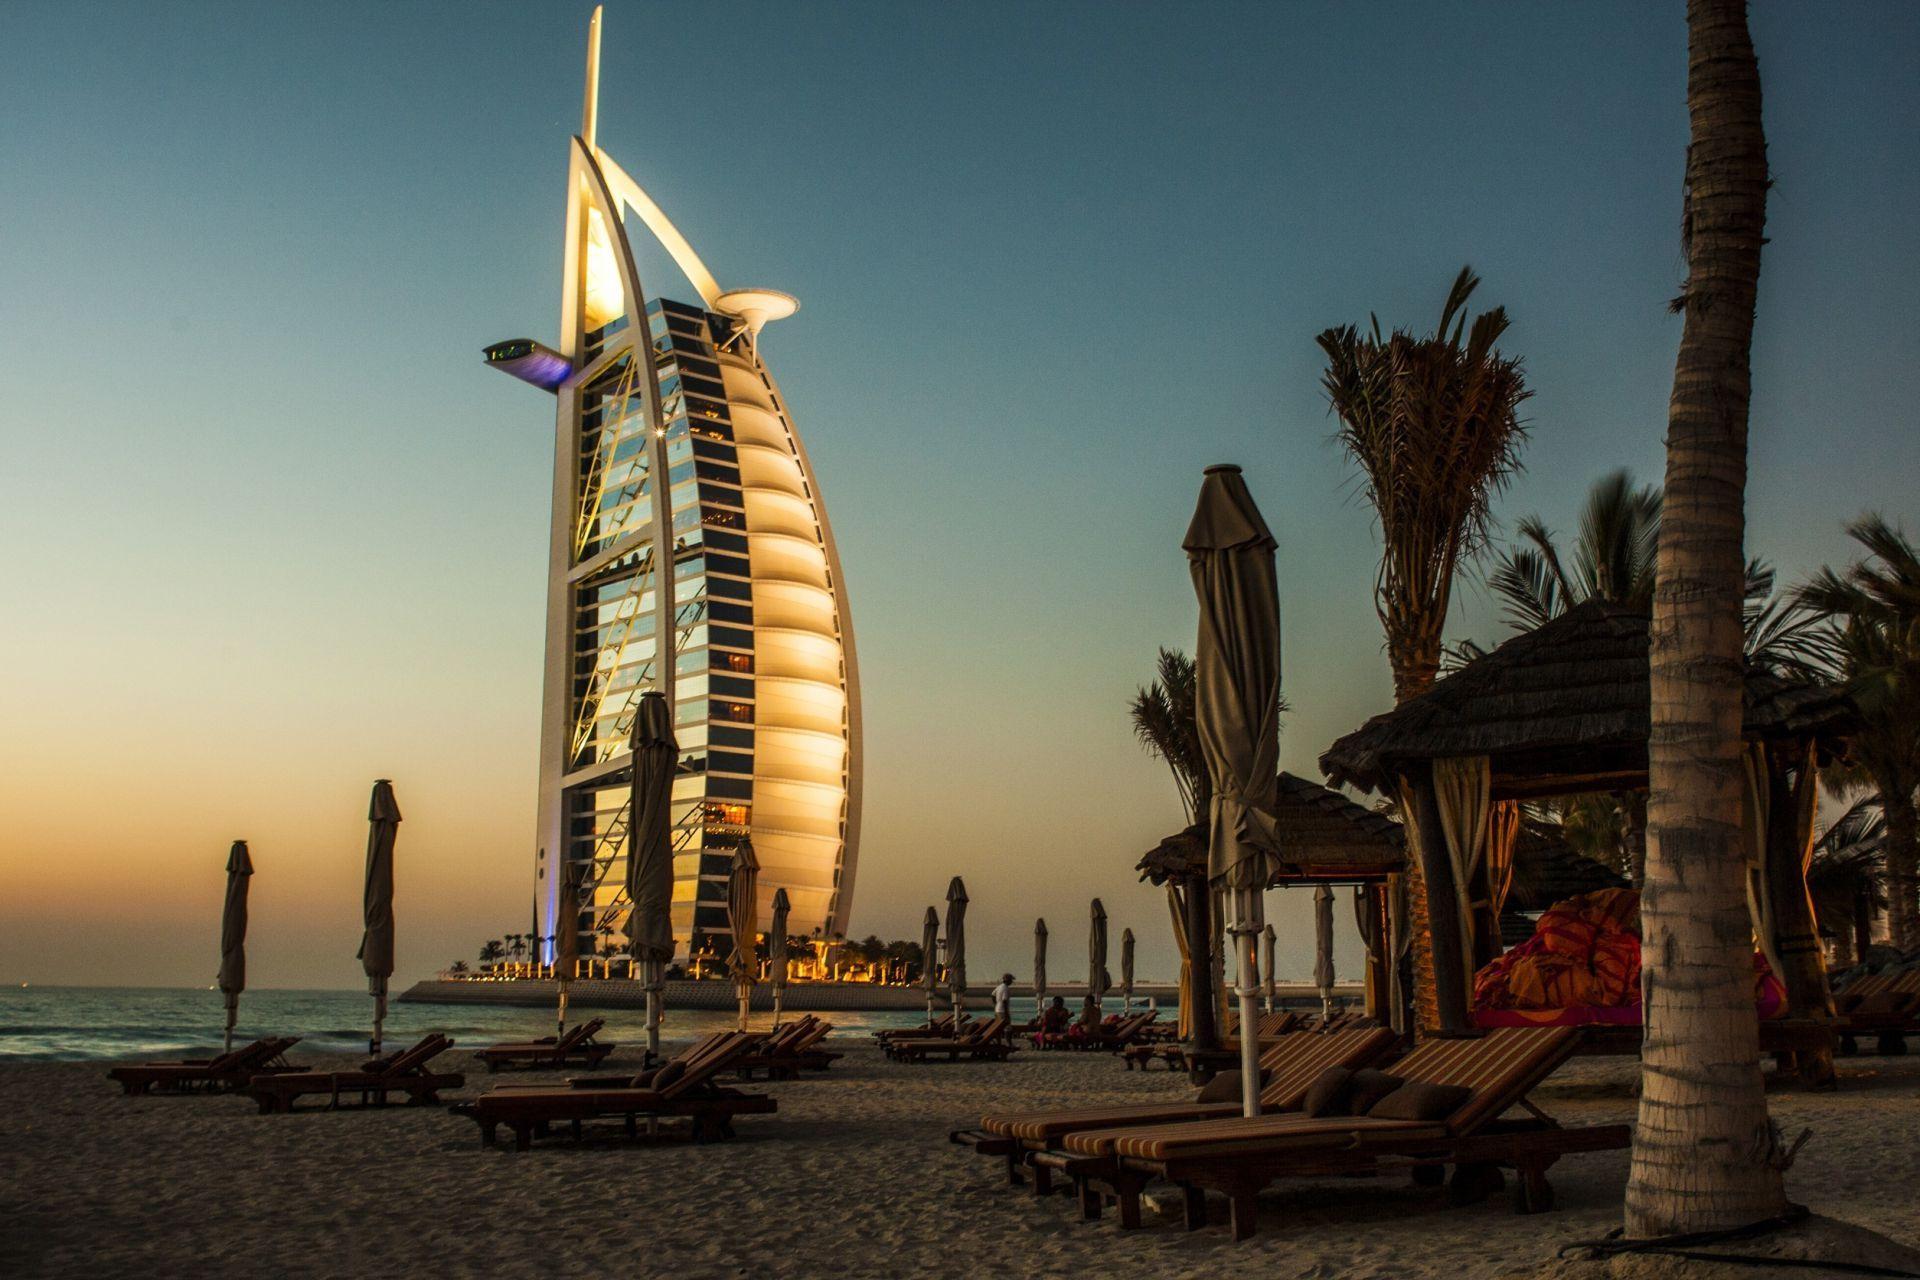 Burj Al Arab Luxus Pur Was Muss Das Für Ein Hotel Sein Von Dem